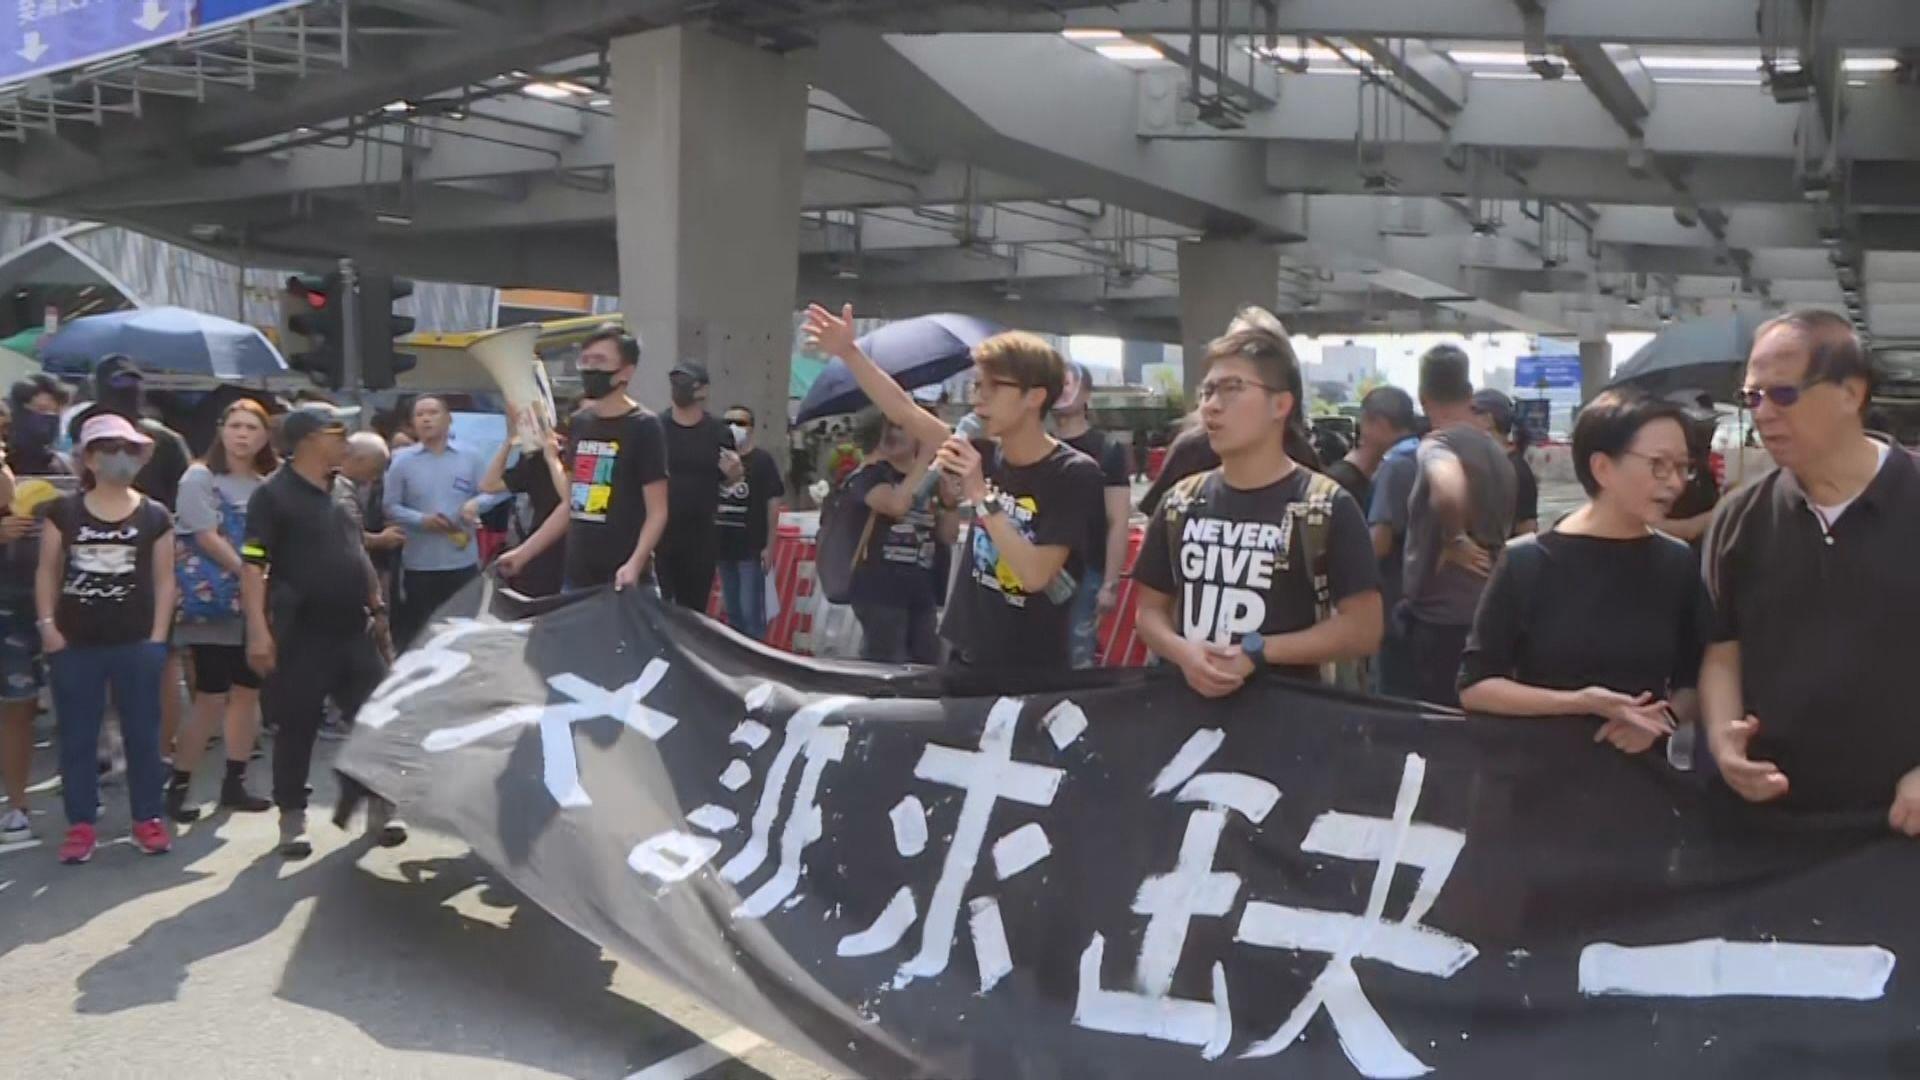 陳皓桓估計至少有35萬人參與九龍遊行